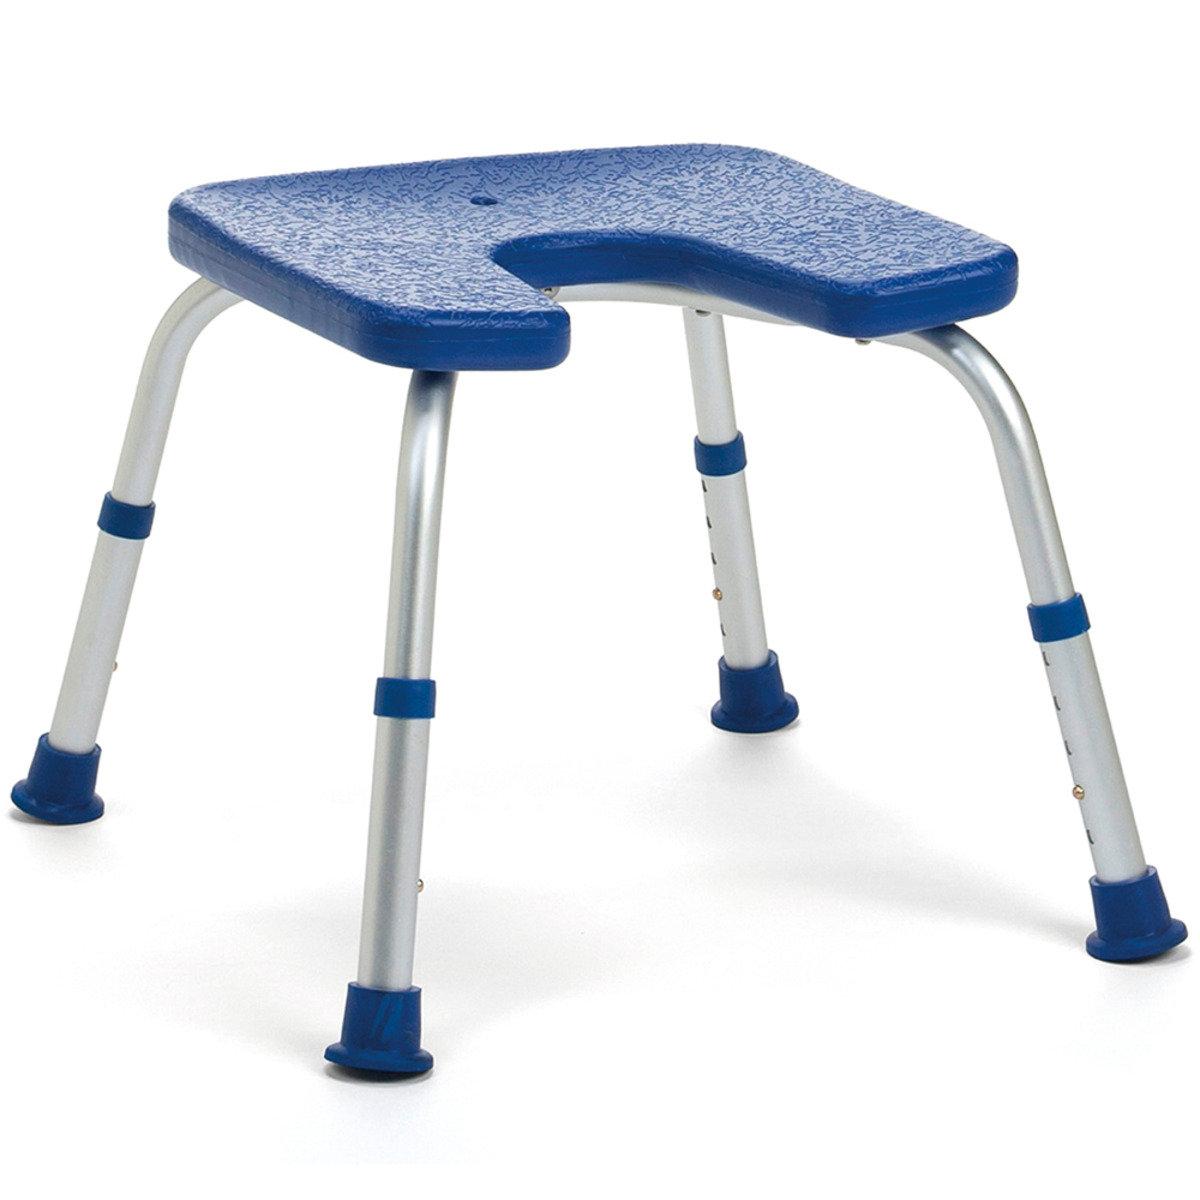 比利時 Sidney U形座板沐浴椅